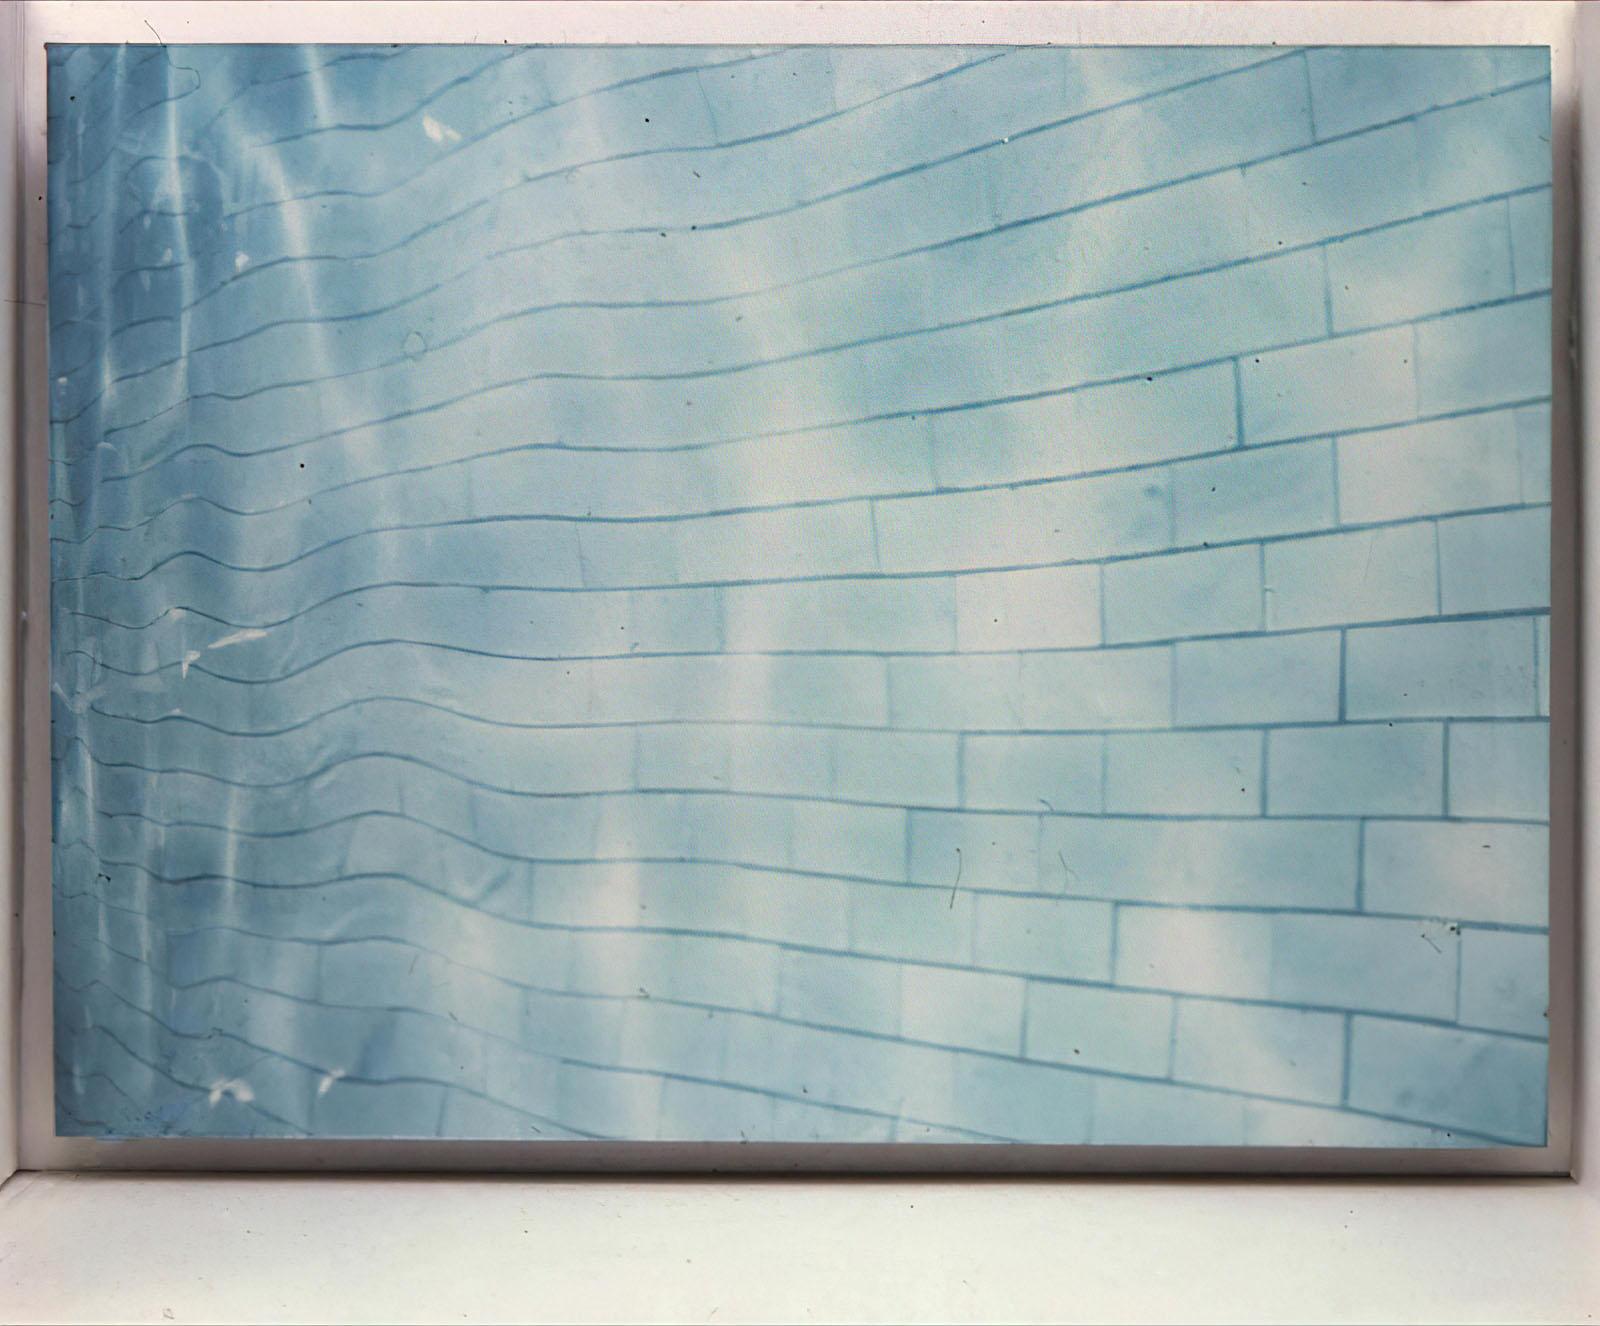 Heinz Brand - Wasserwand